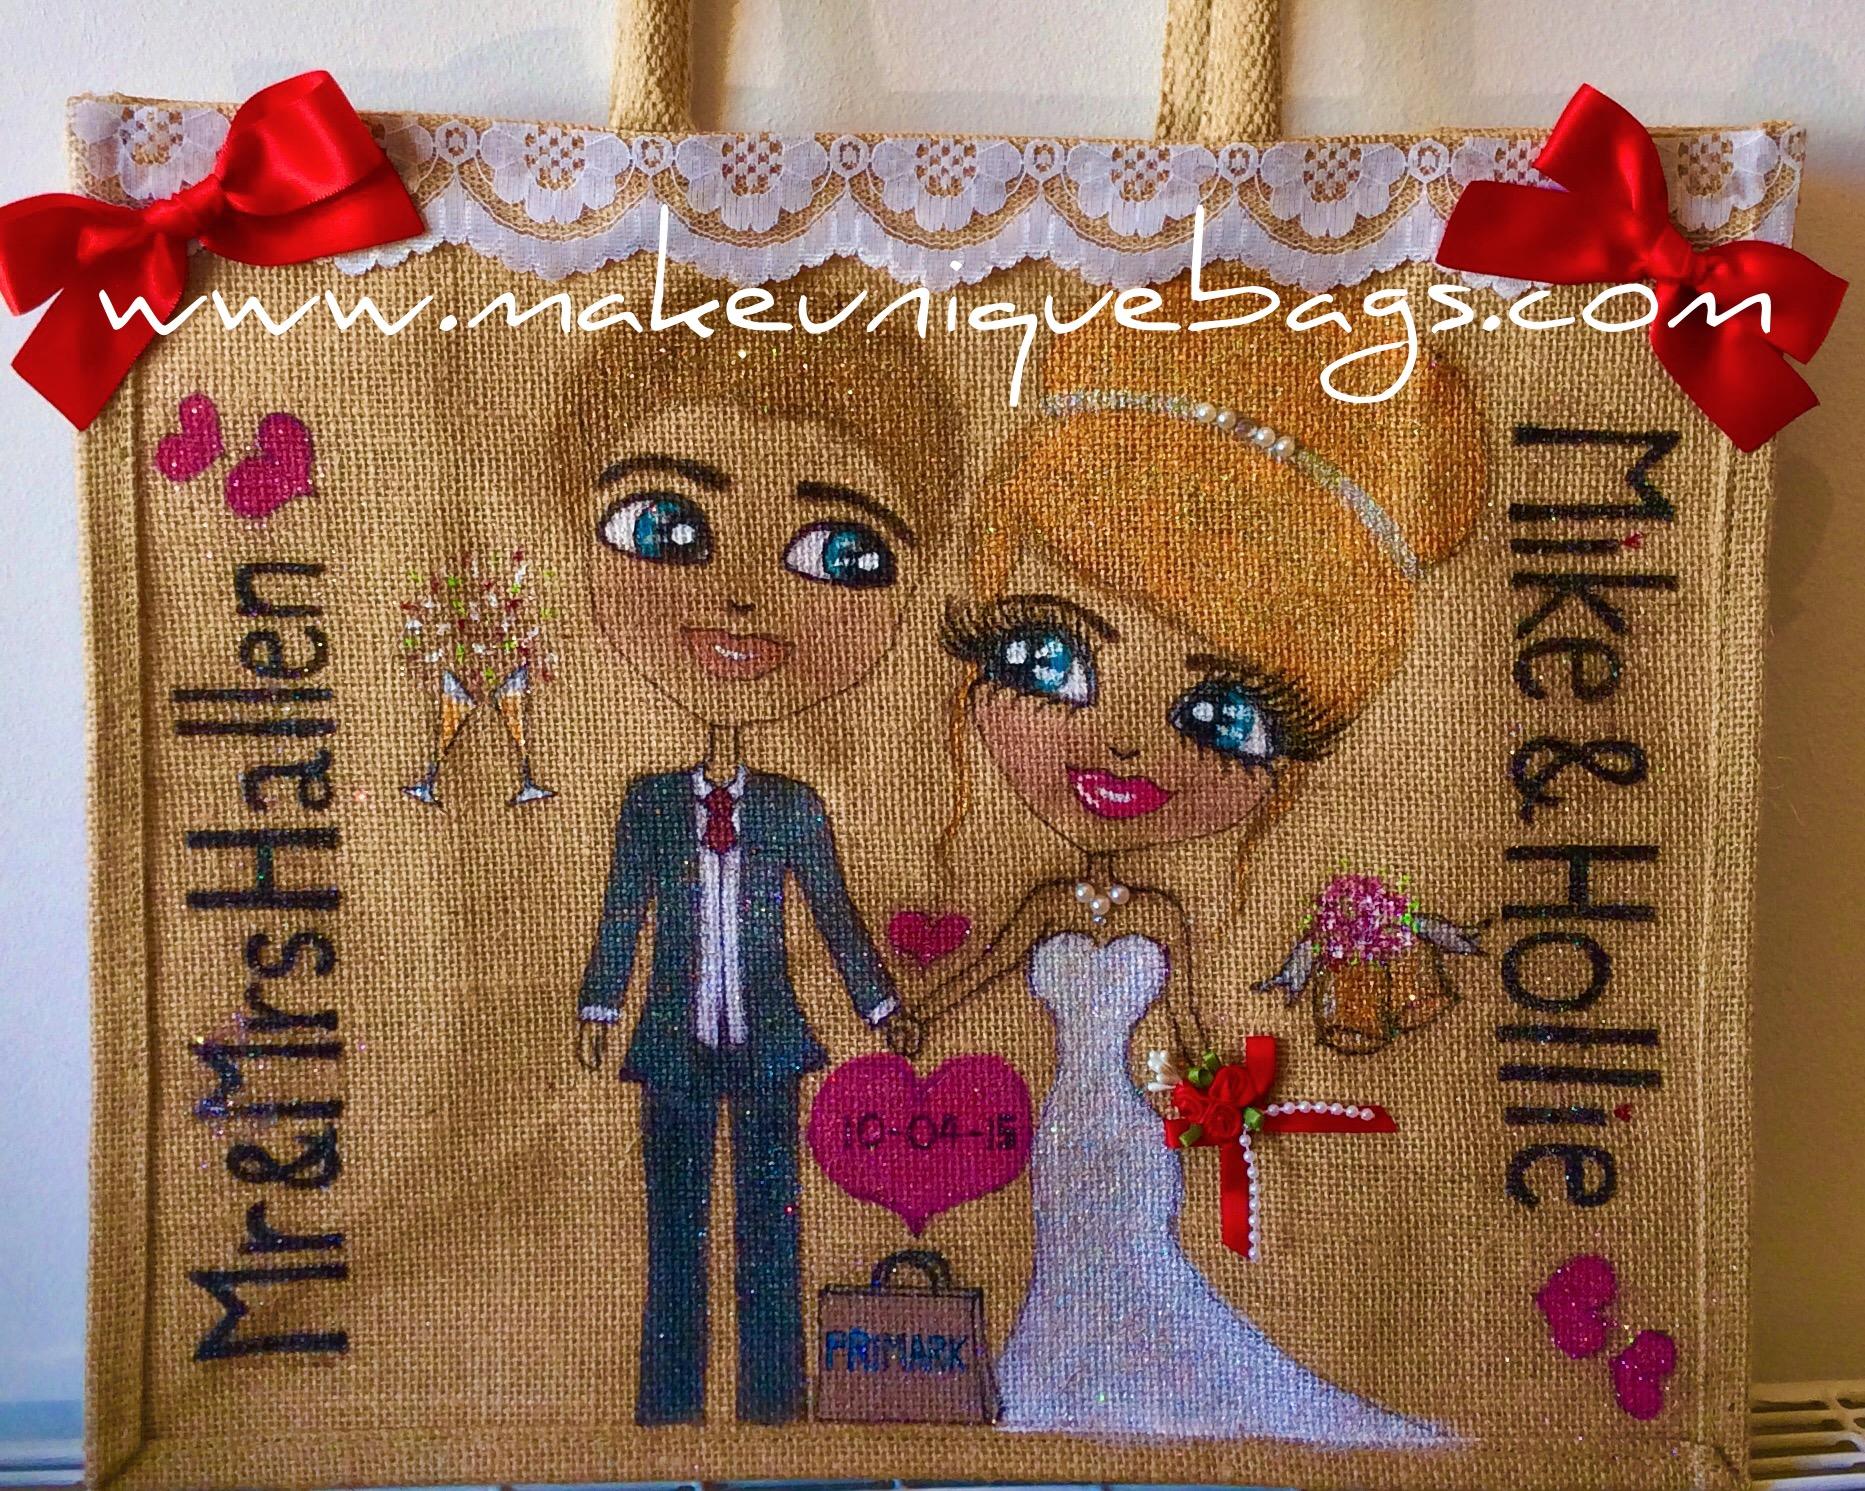 Personalised wedding jute tote bag